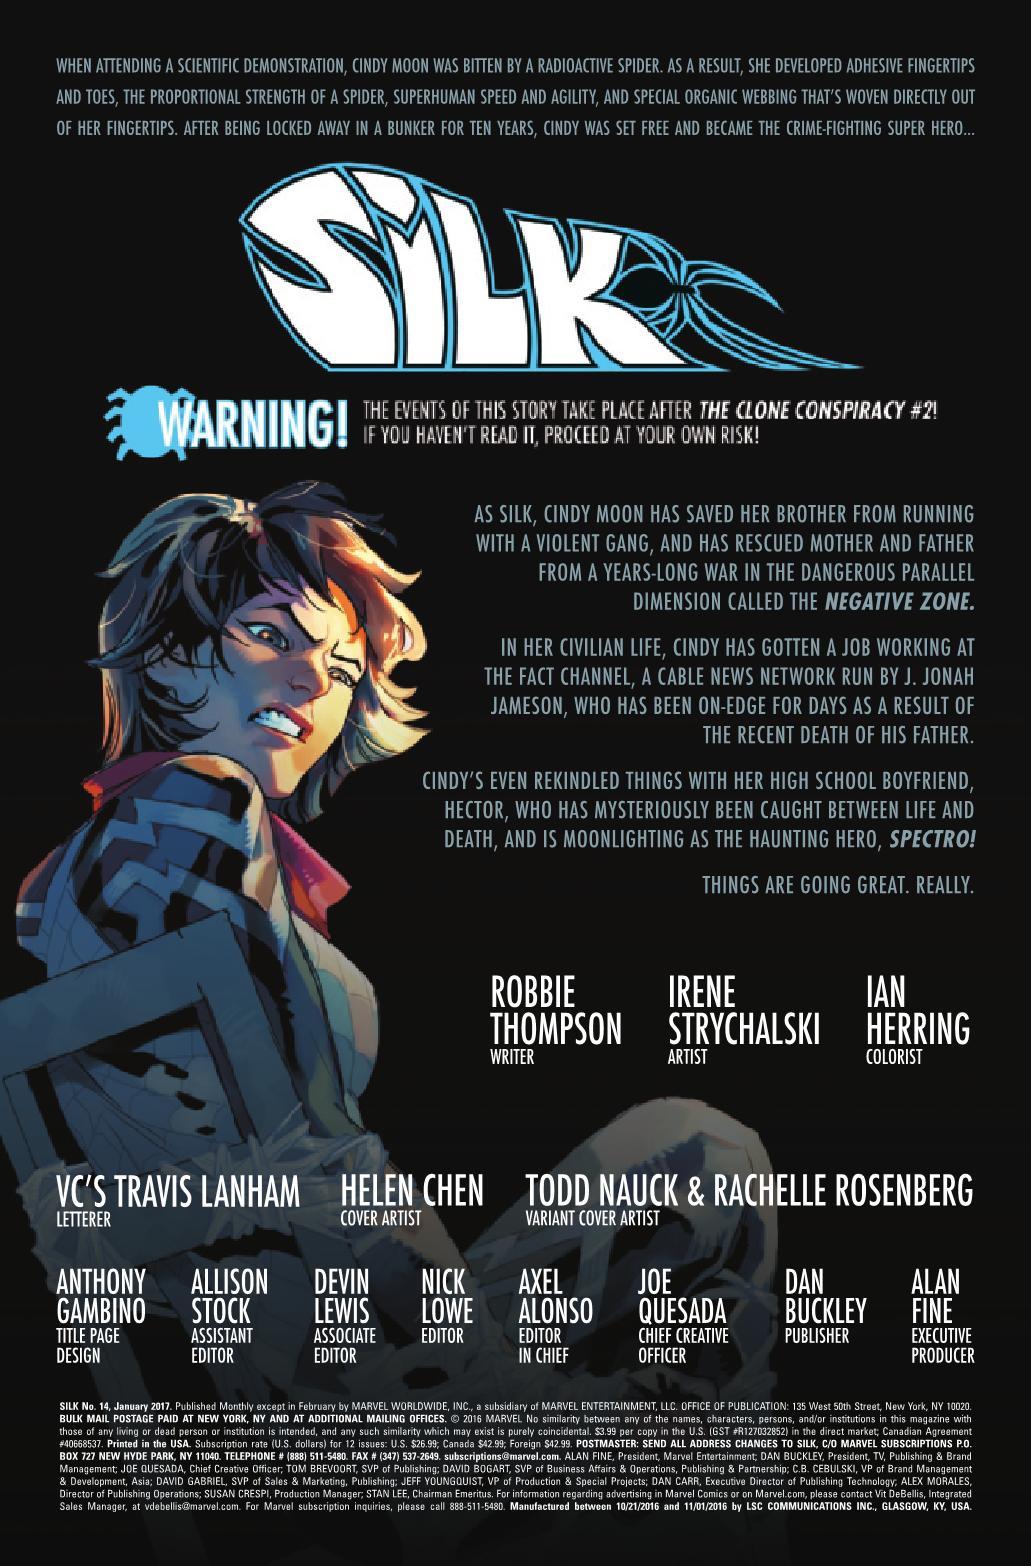 silk2015b014_int_lr2_1